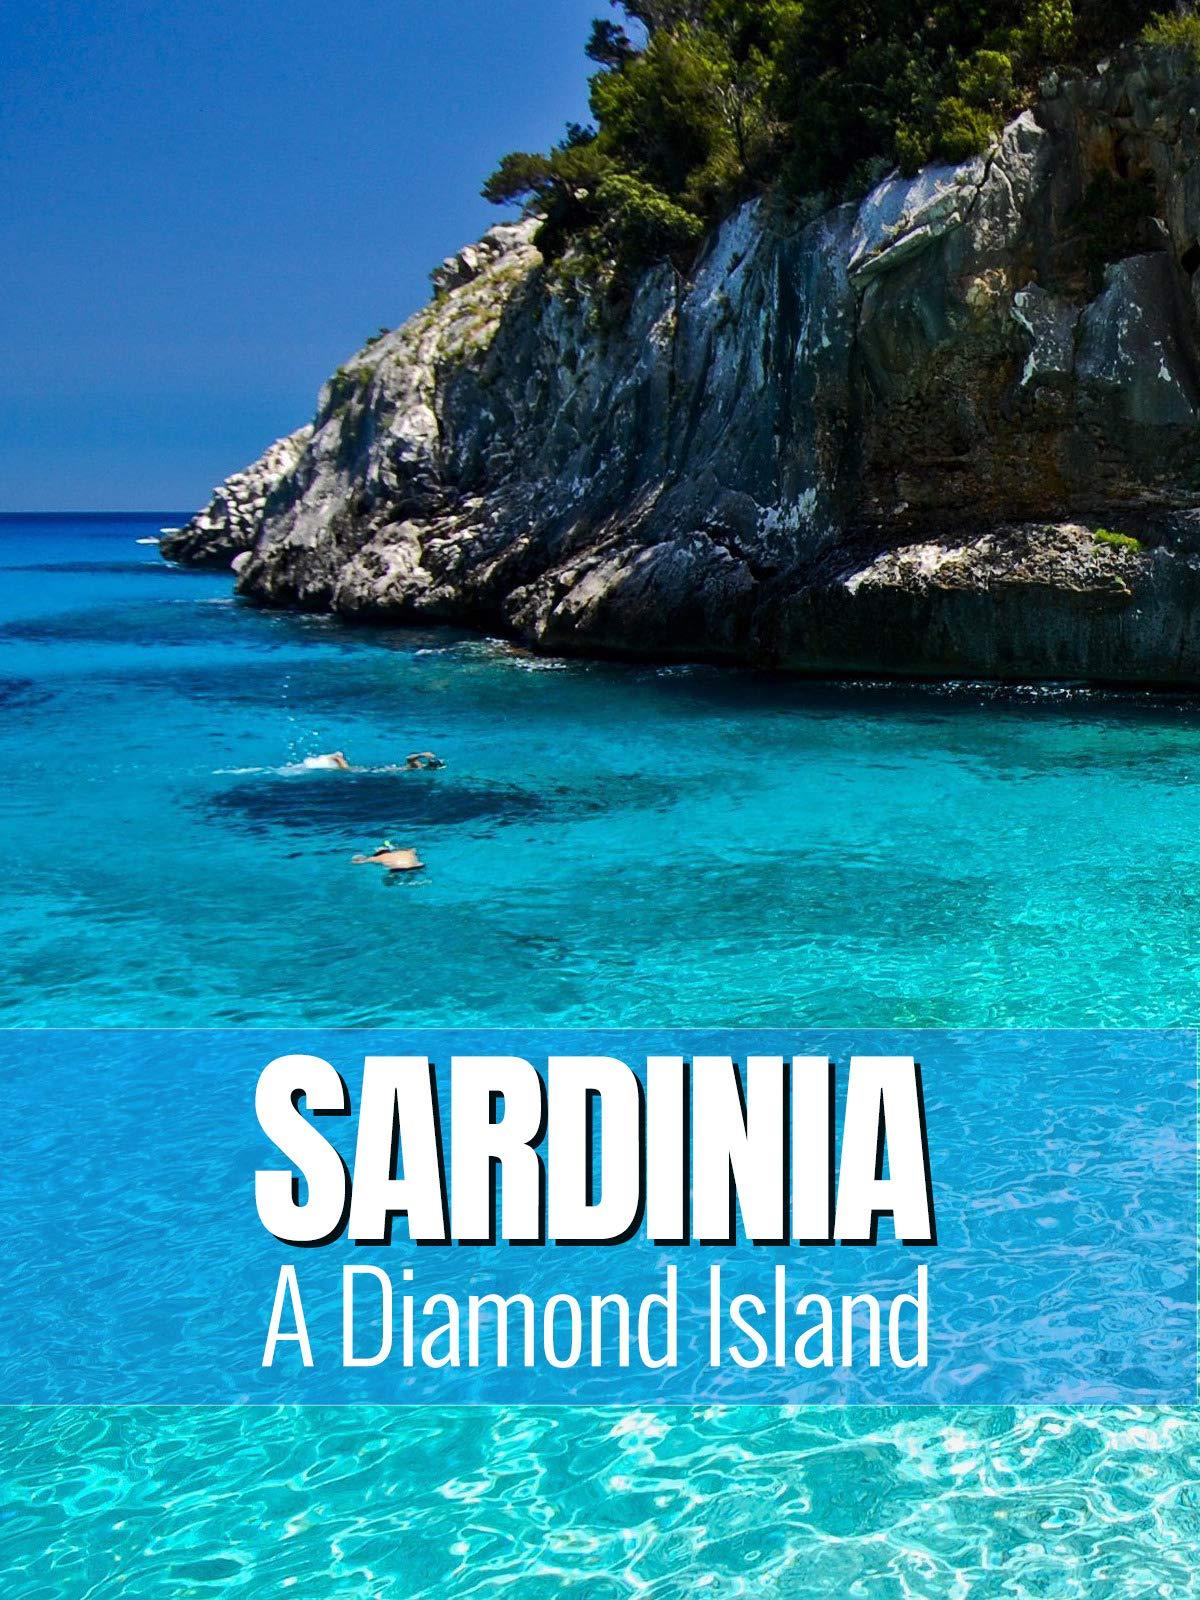 Sardinia - A Diamond Island